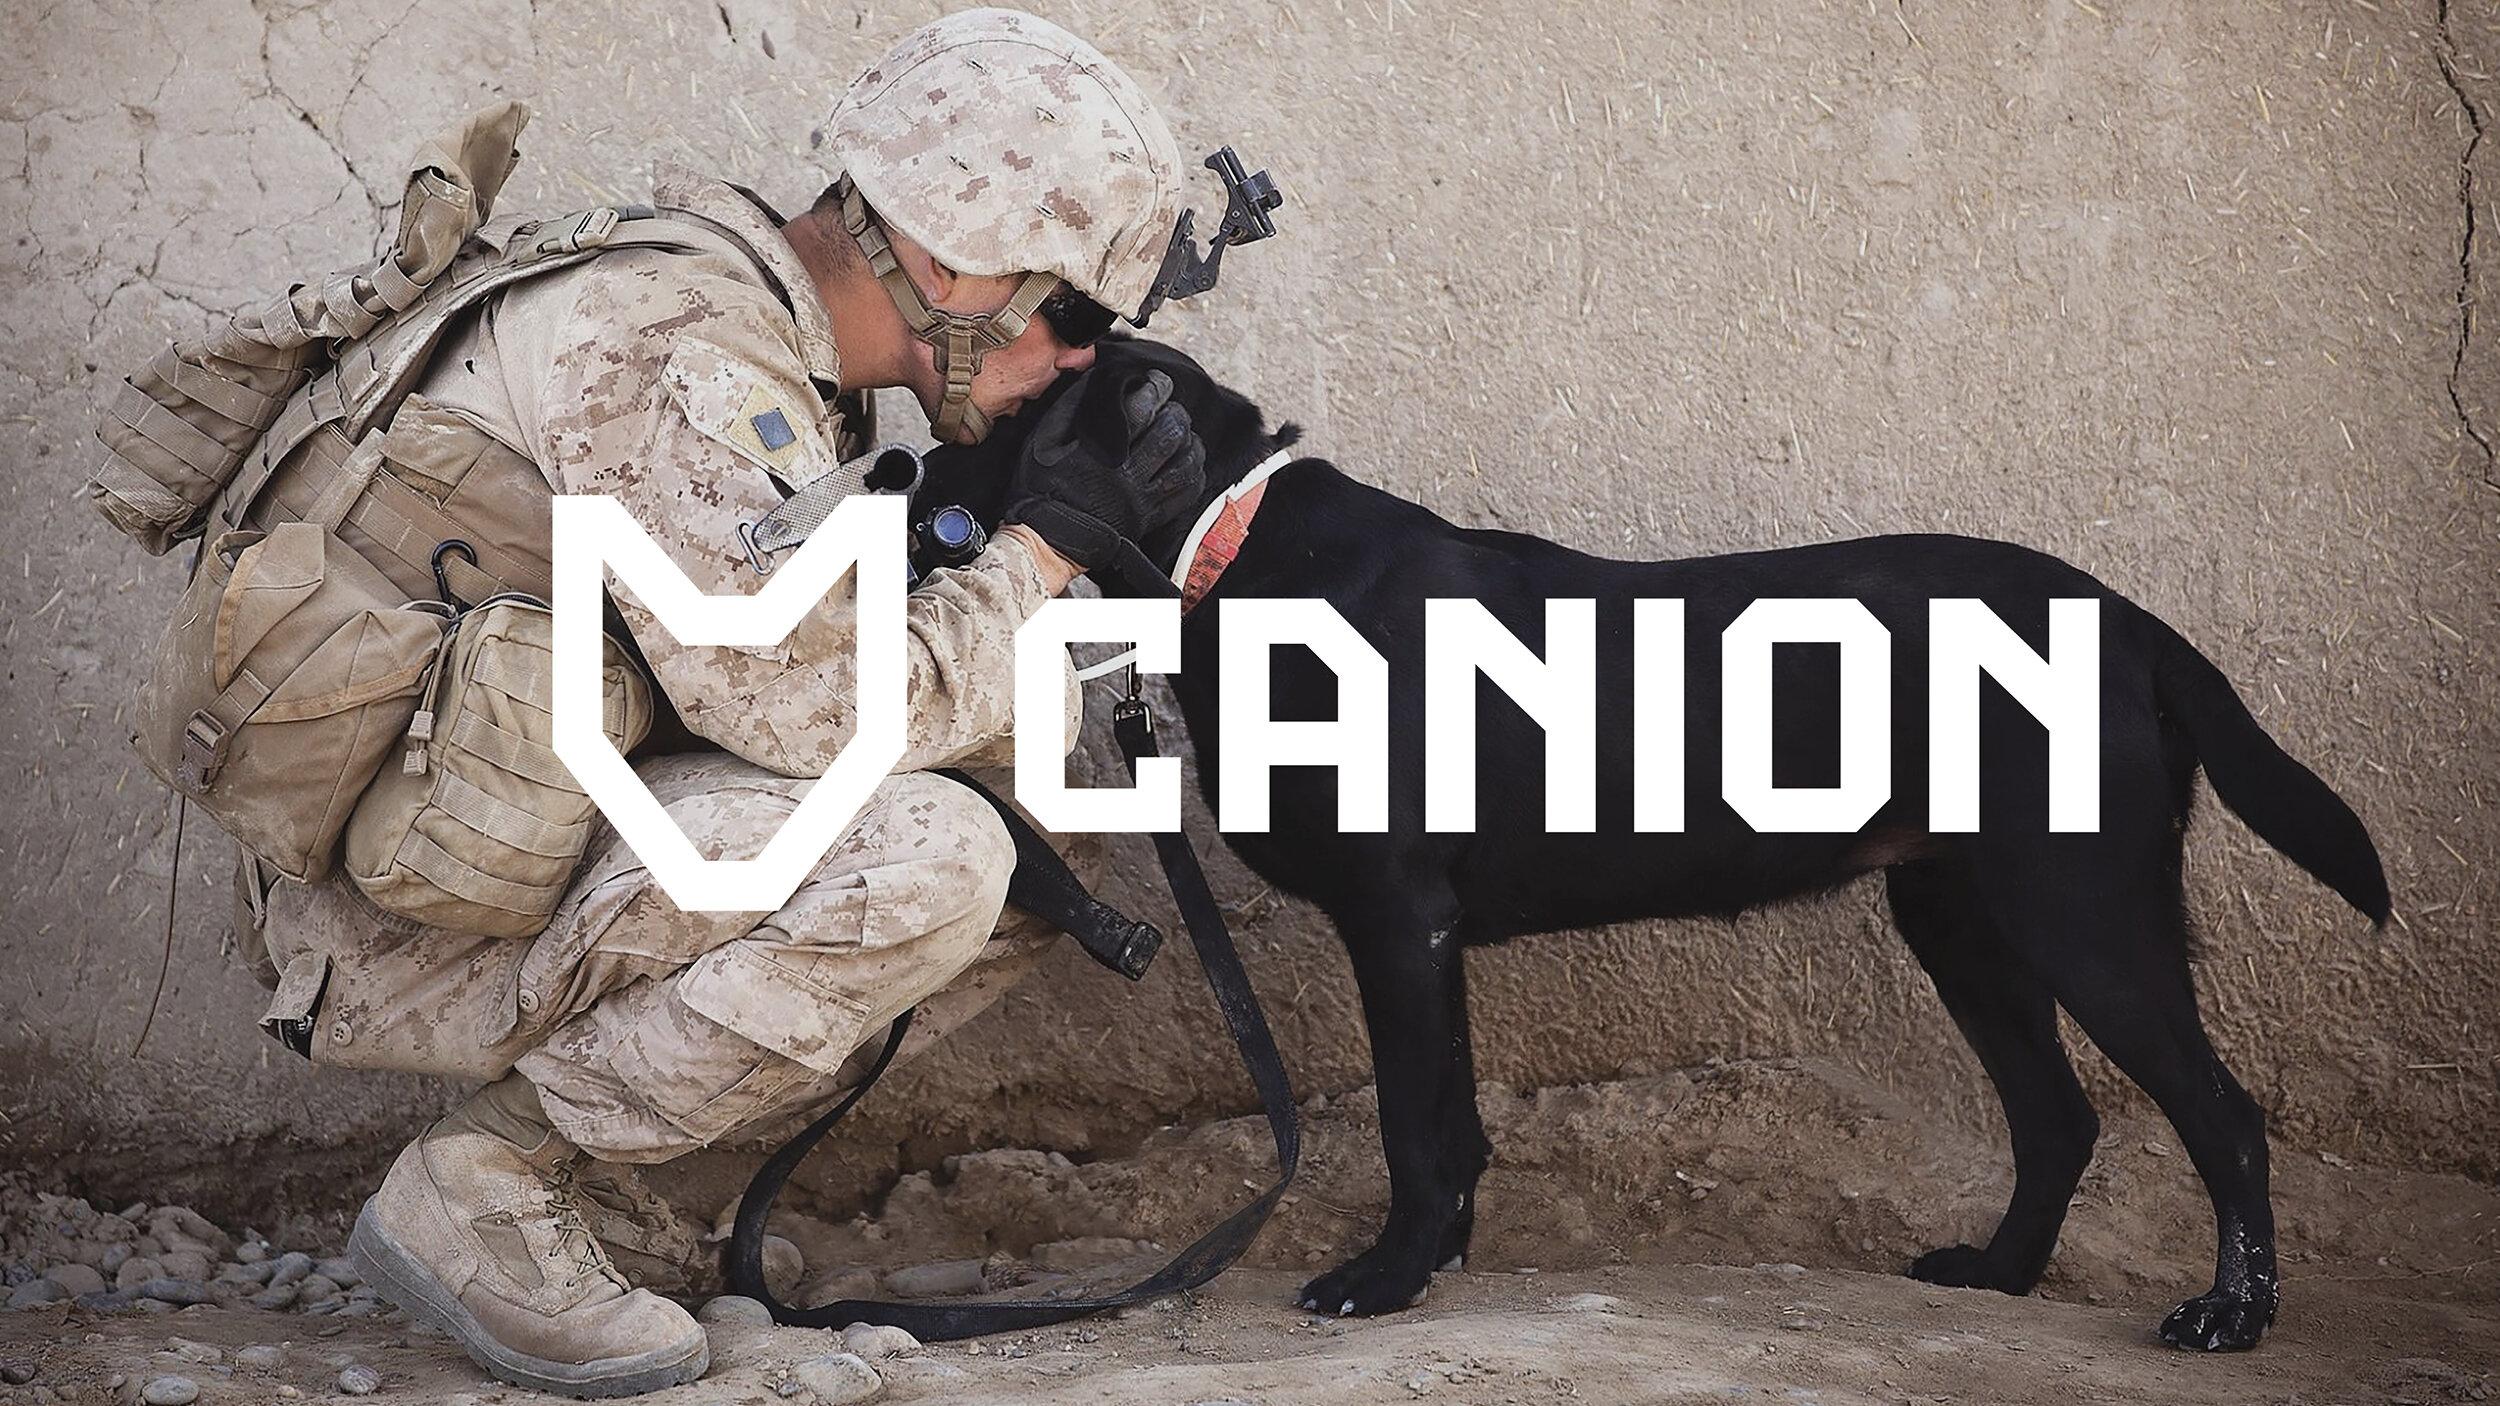 Canion